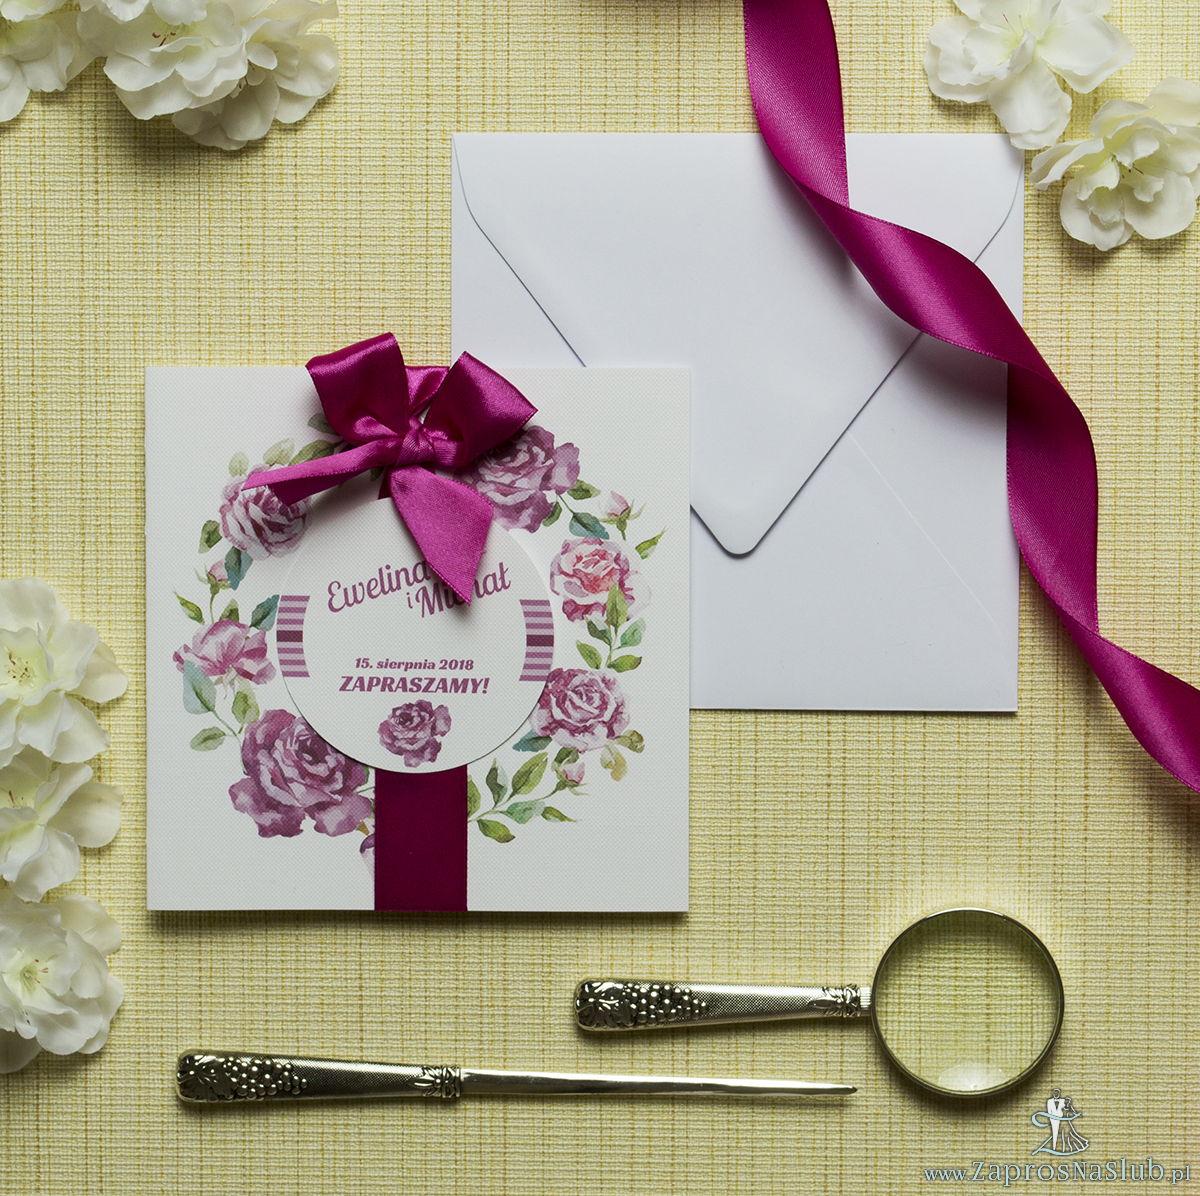 Zaproszenia kwiatowe - letni wianek z kwiatami róży. ZAP-54-16